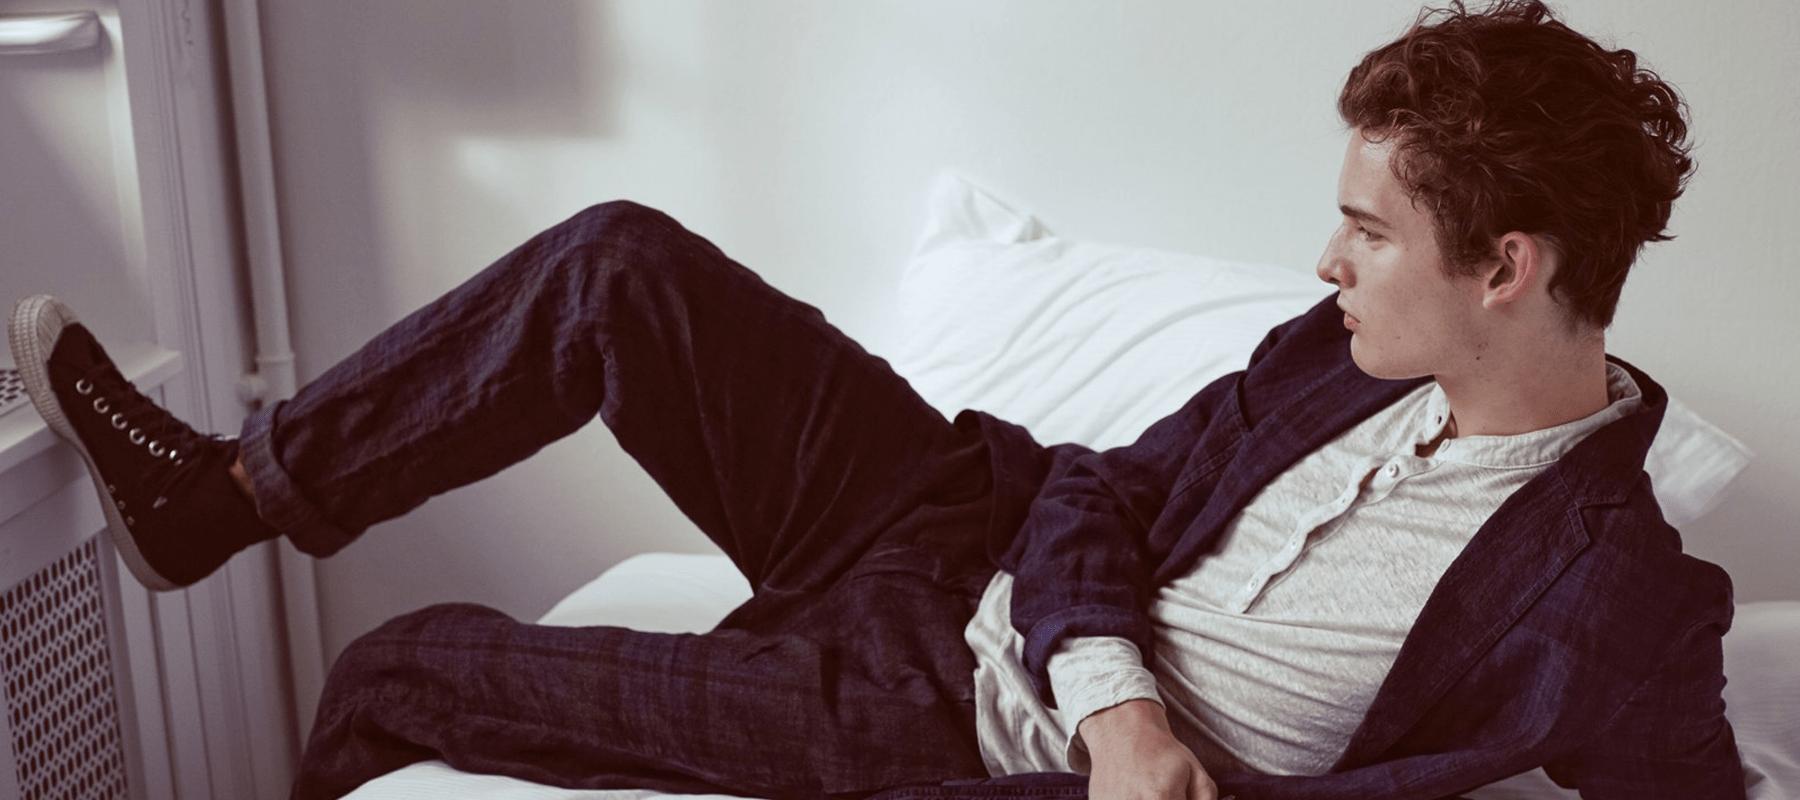 Massimo Alba Spring 2019